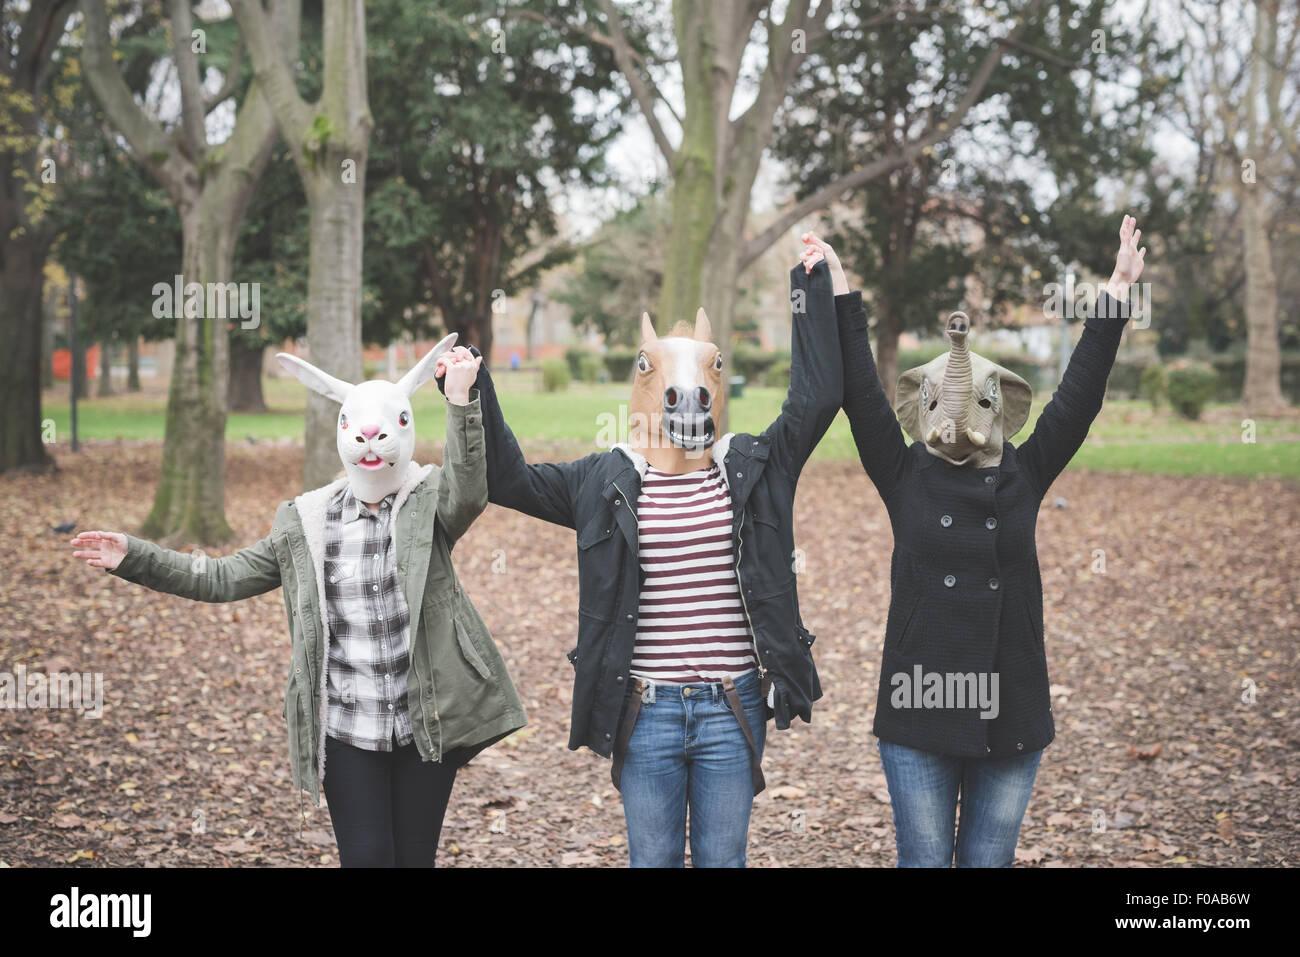 Drei Schwestern tragen Masken tanzen im park Stockbild